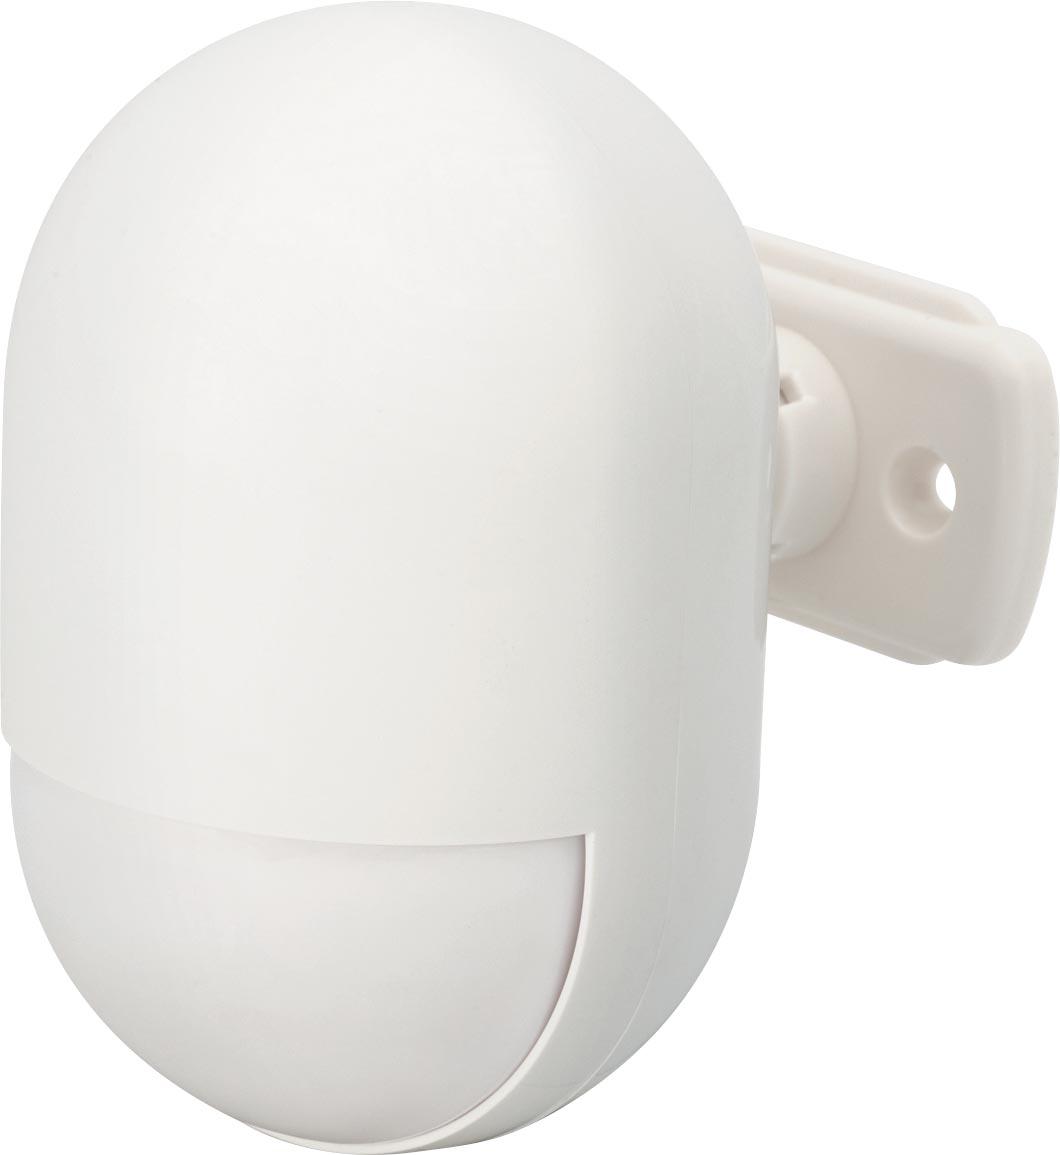 Ednet.smart home bewegingssensor